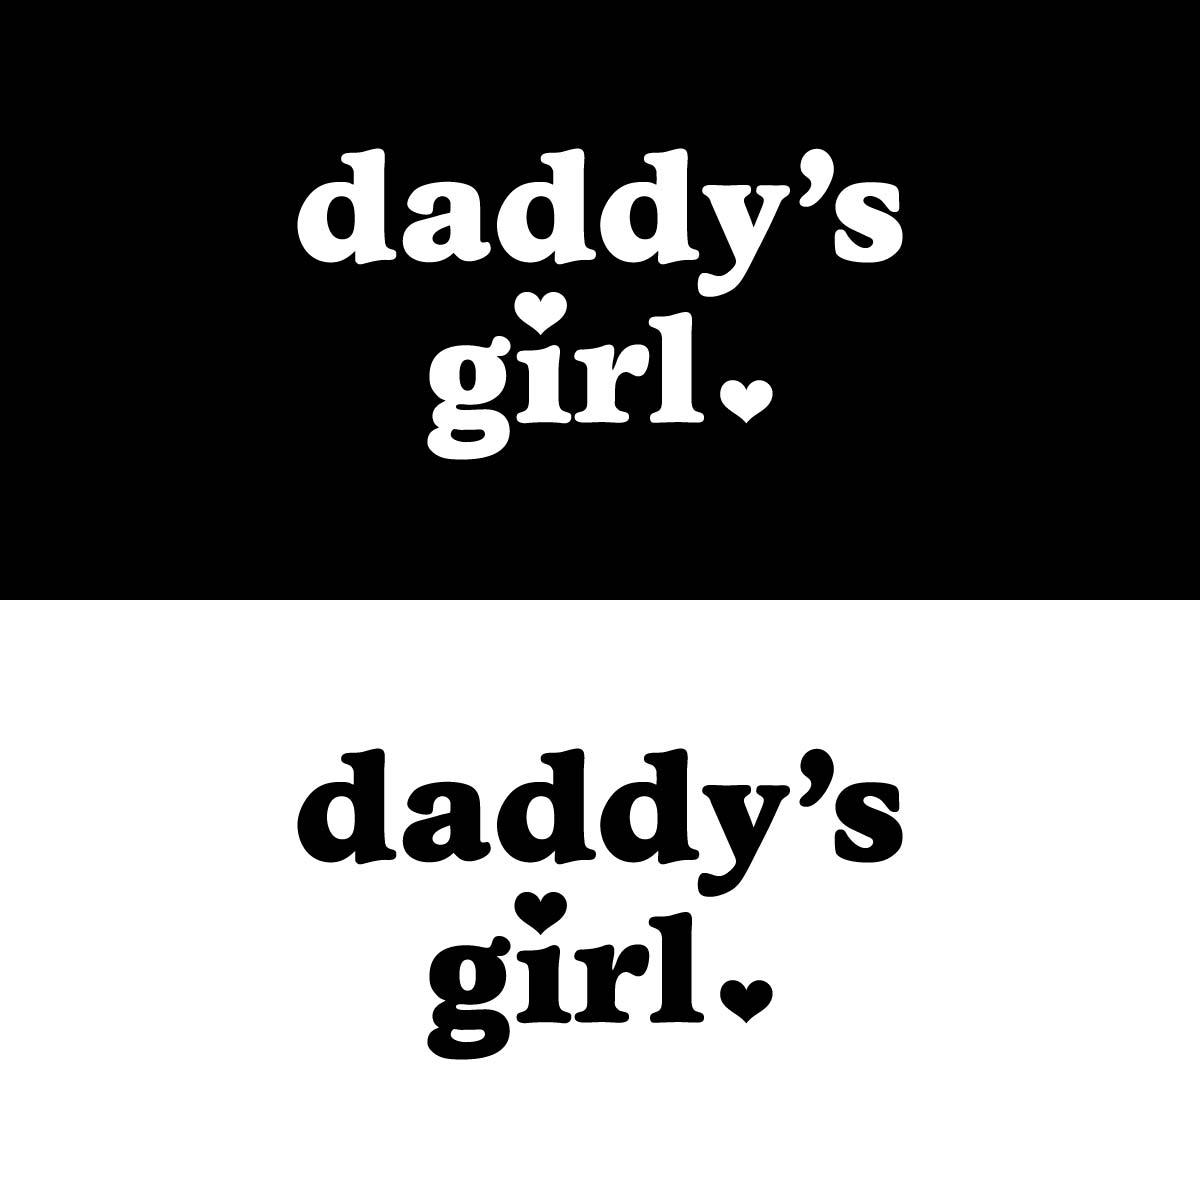 DADDYS GIRL design by kikicutt